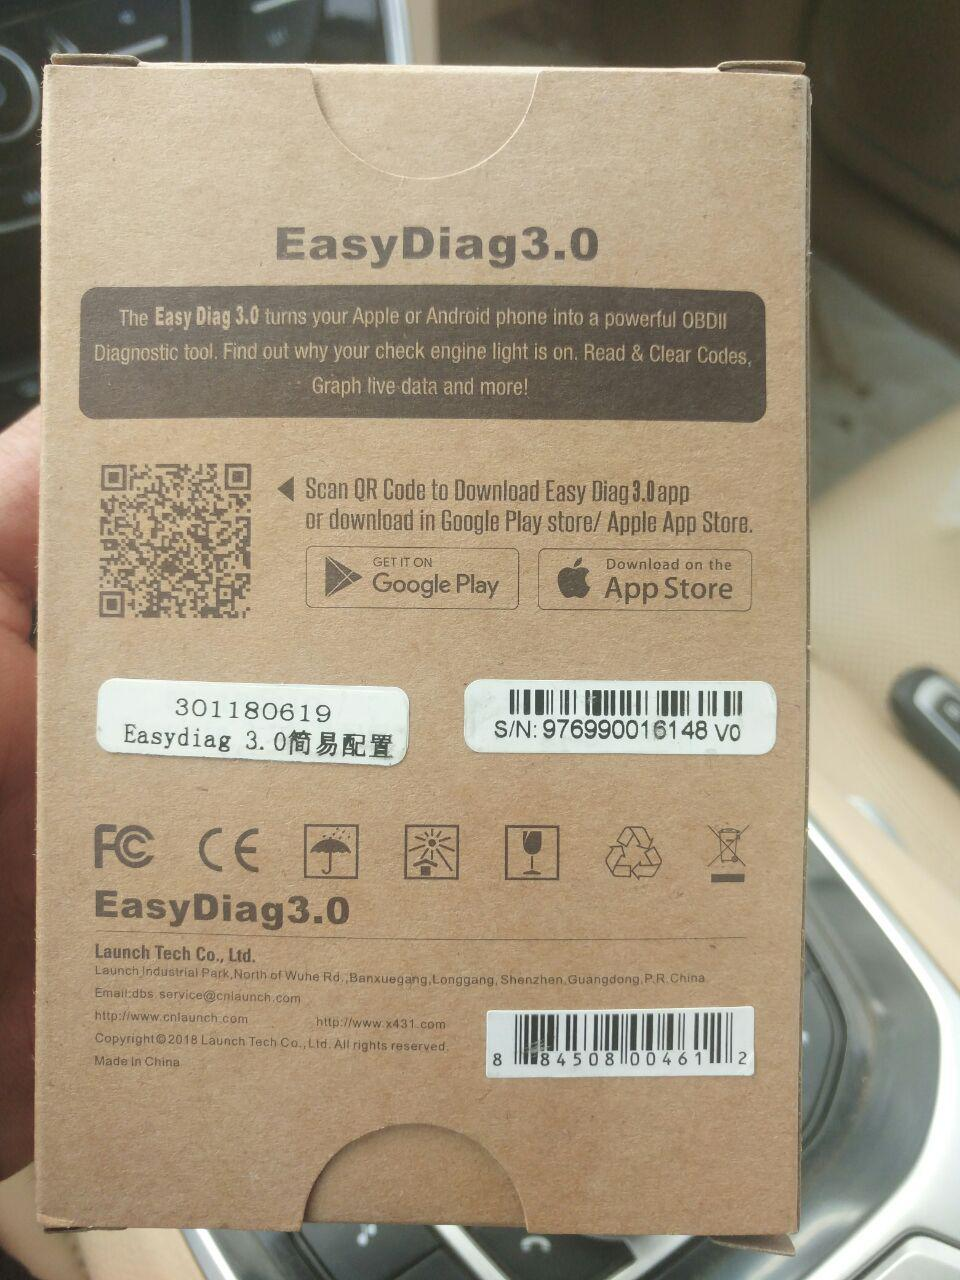 تجربة شراء EasyDiag 3.0 لفحص وتشخيص اعطال السيارات